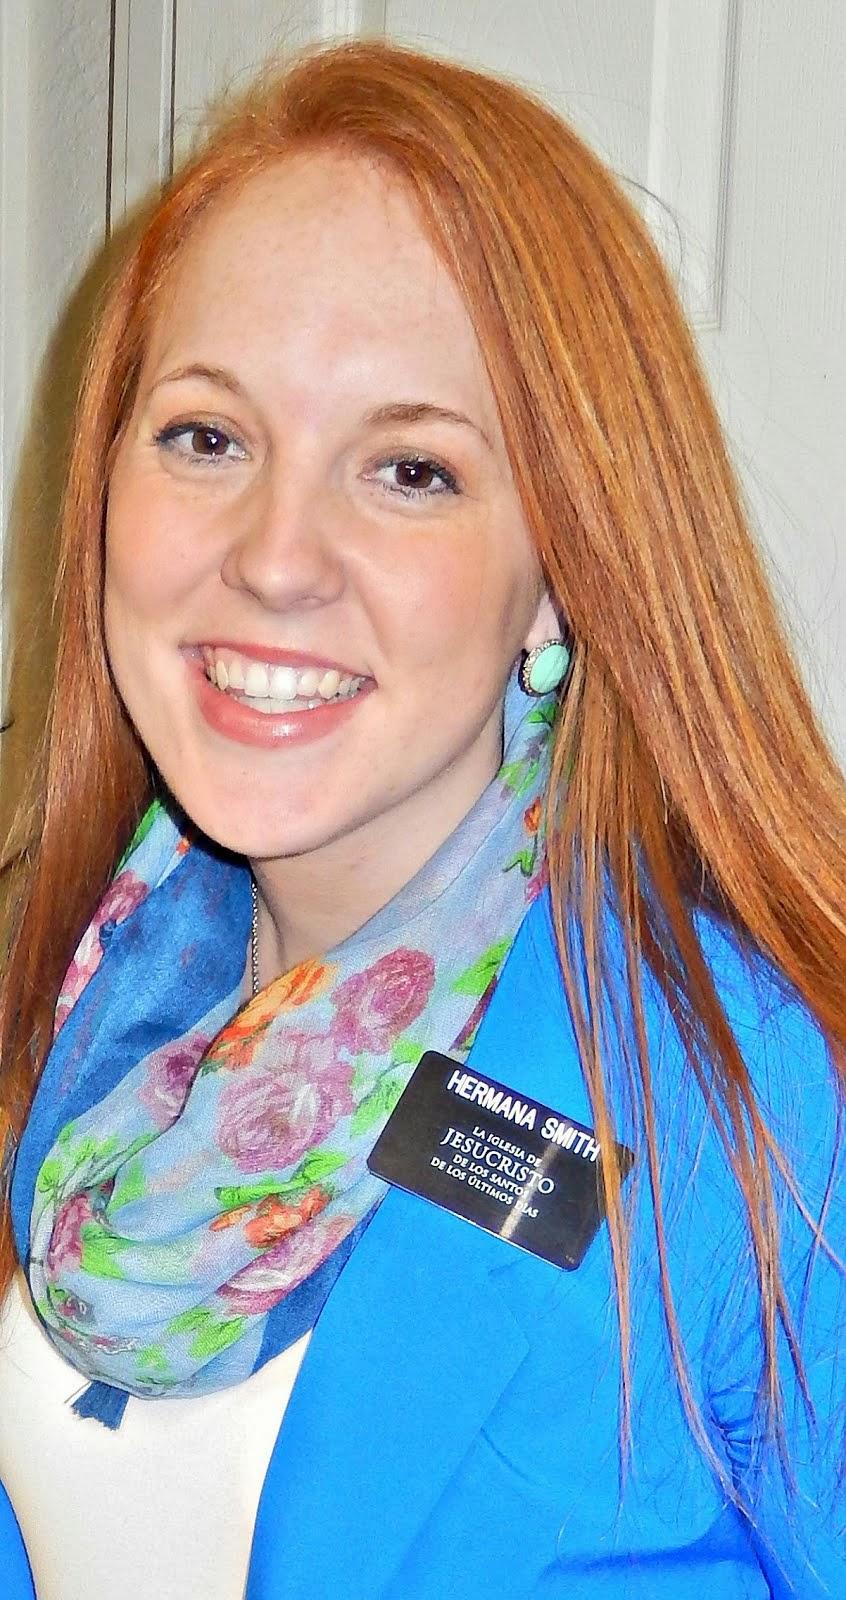 Hermana Smith